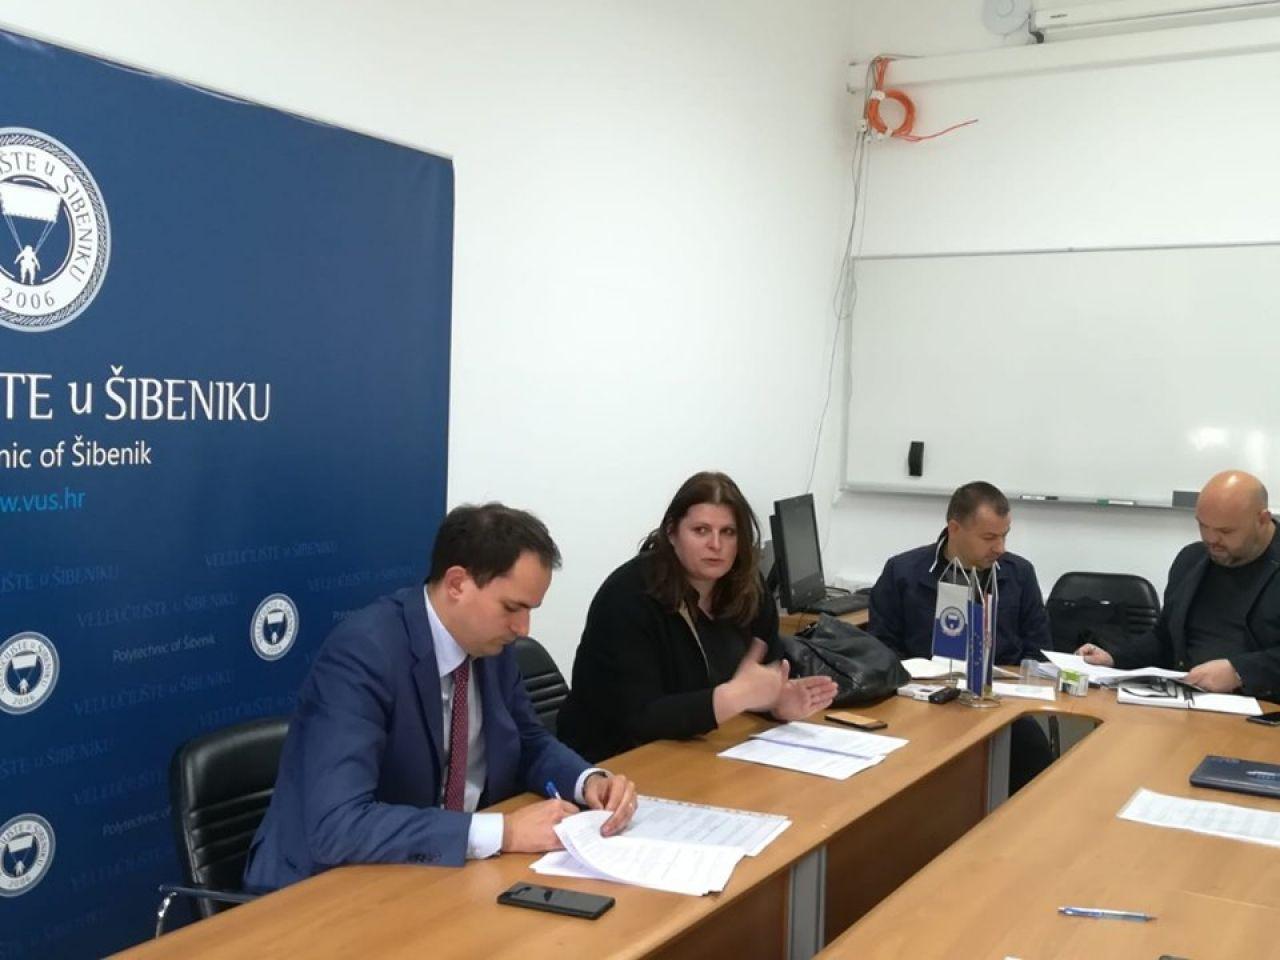 Potpisan ugovor za izvođenje radova na II. fazi nadogradnje zgrade Veleučilišta u Šibeniku